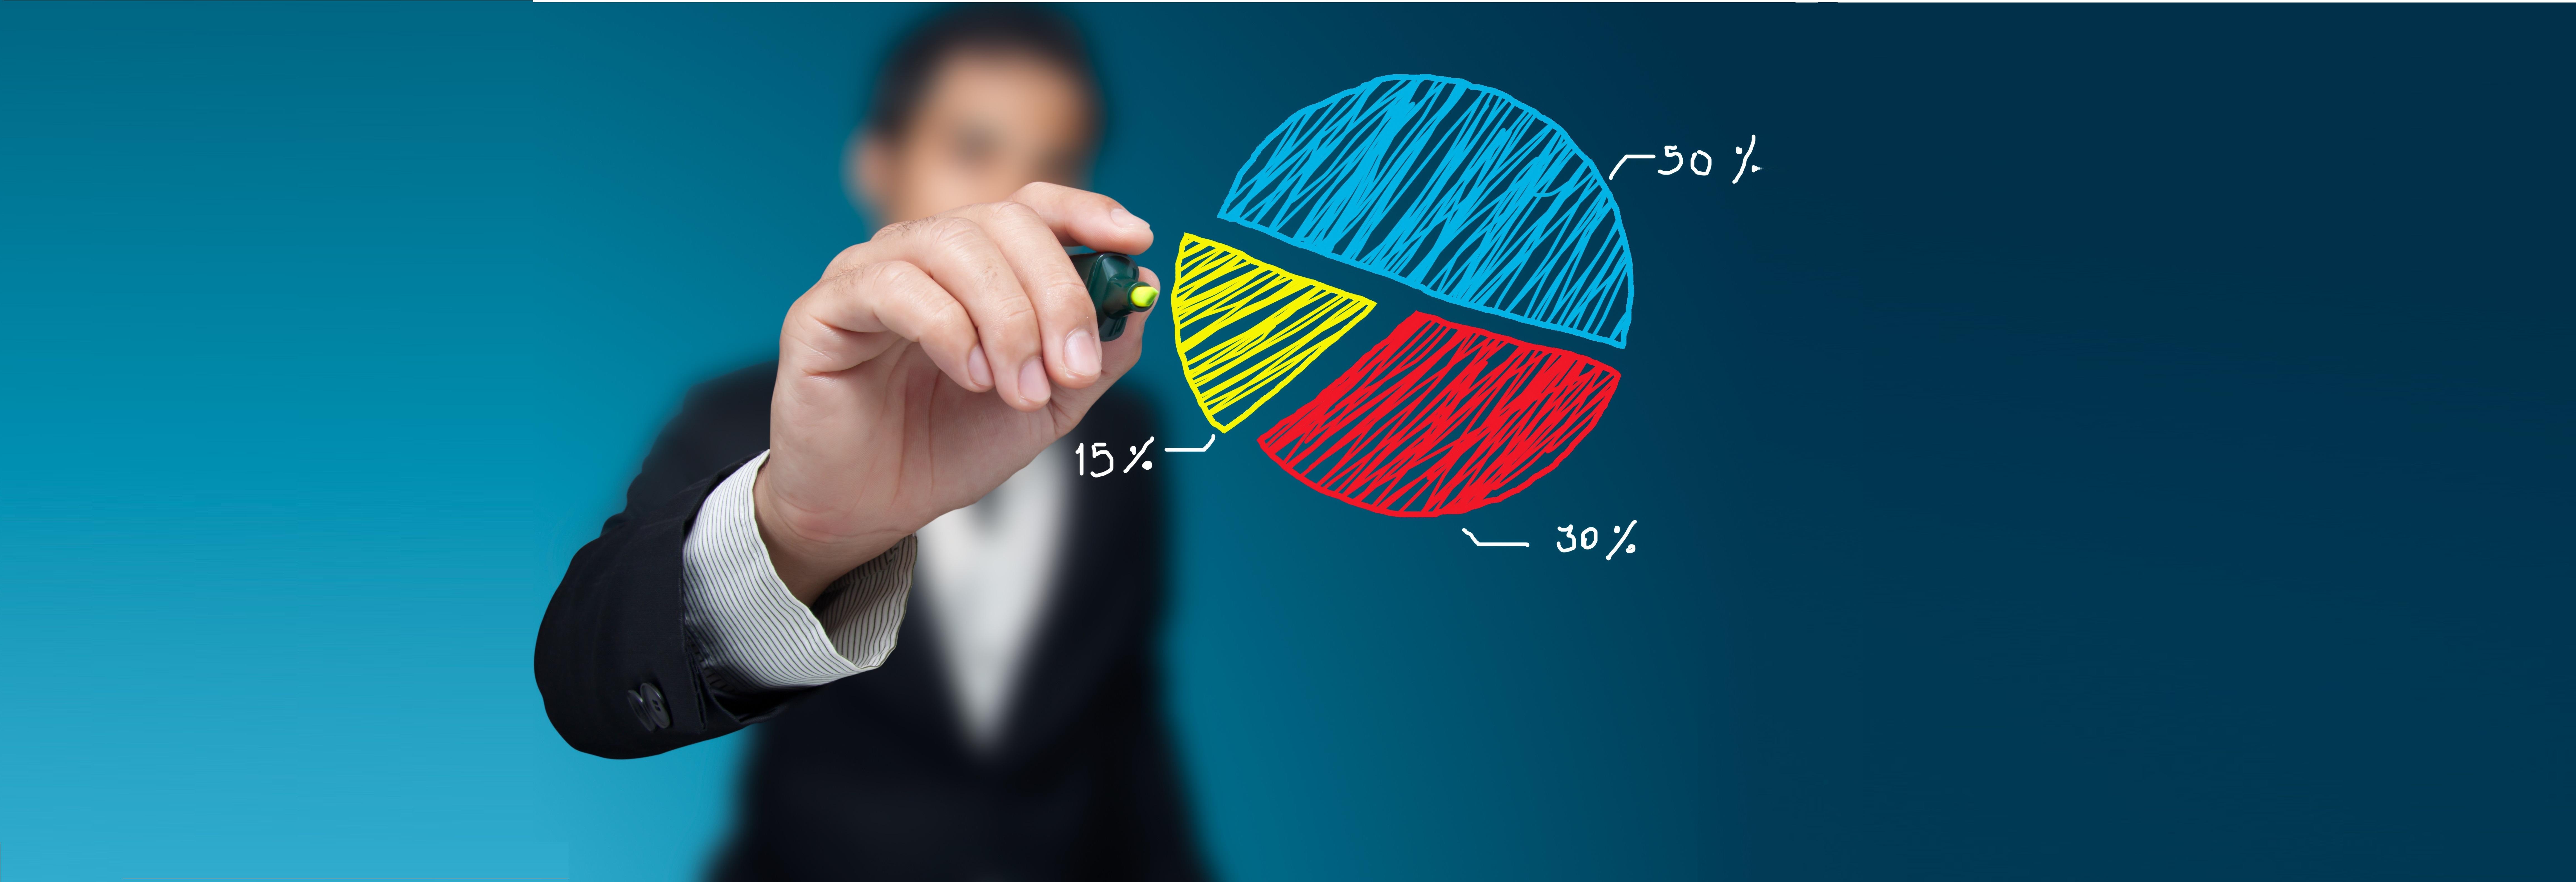 audit-opportunite-digitale